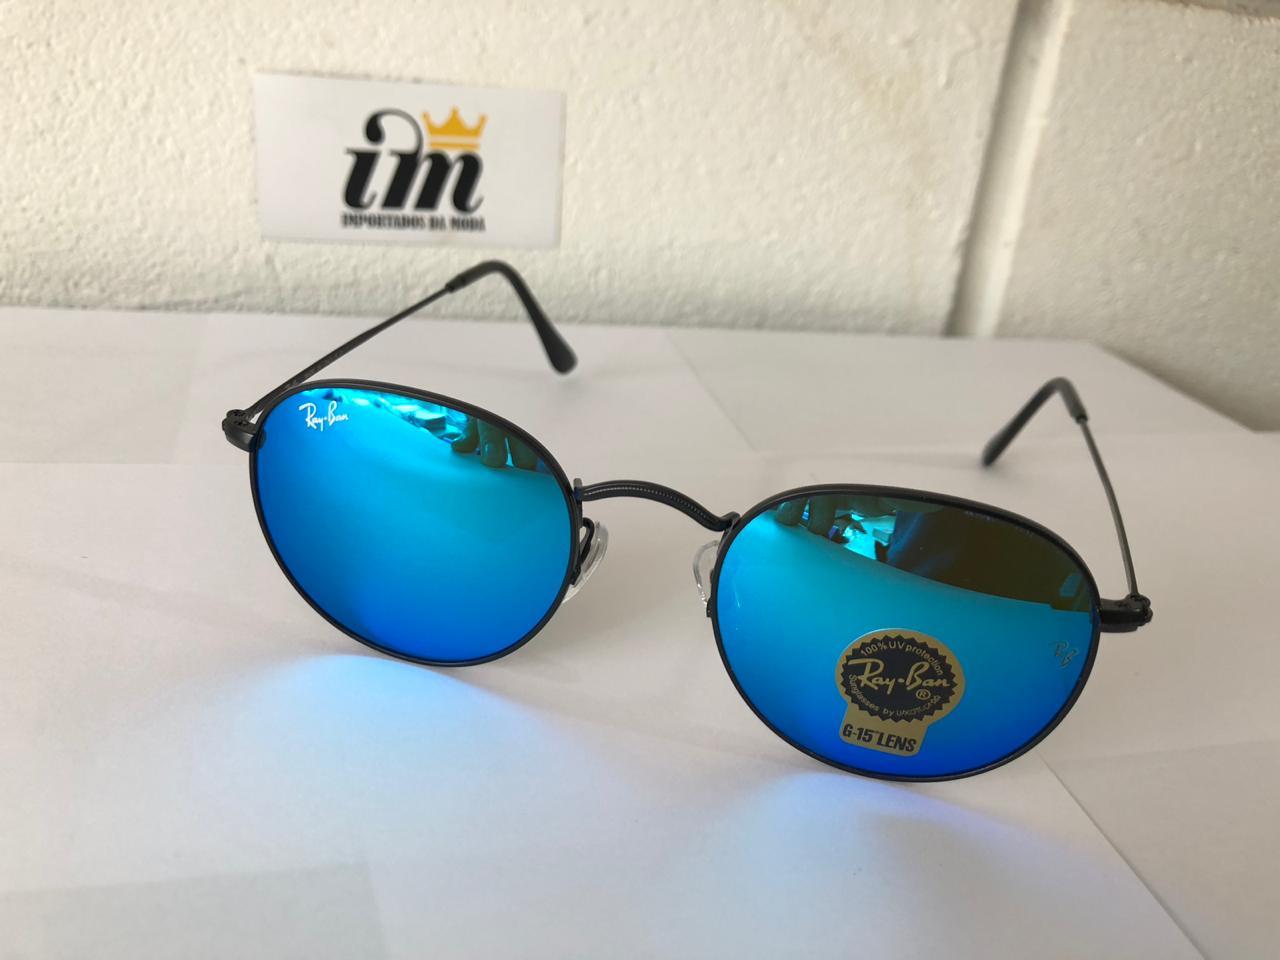 294f0d4492fe1 Óculos de Sol Ray Ban Round Azul Replica Primeira Linha